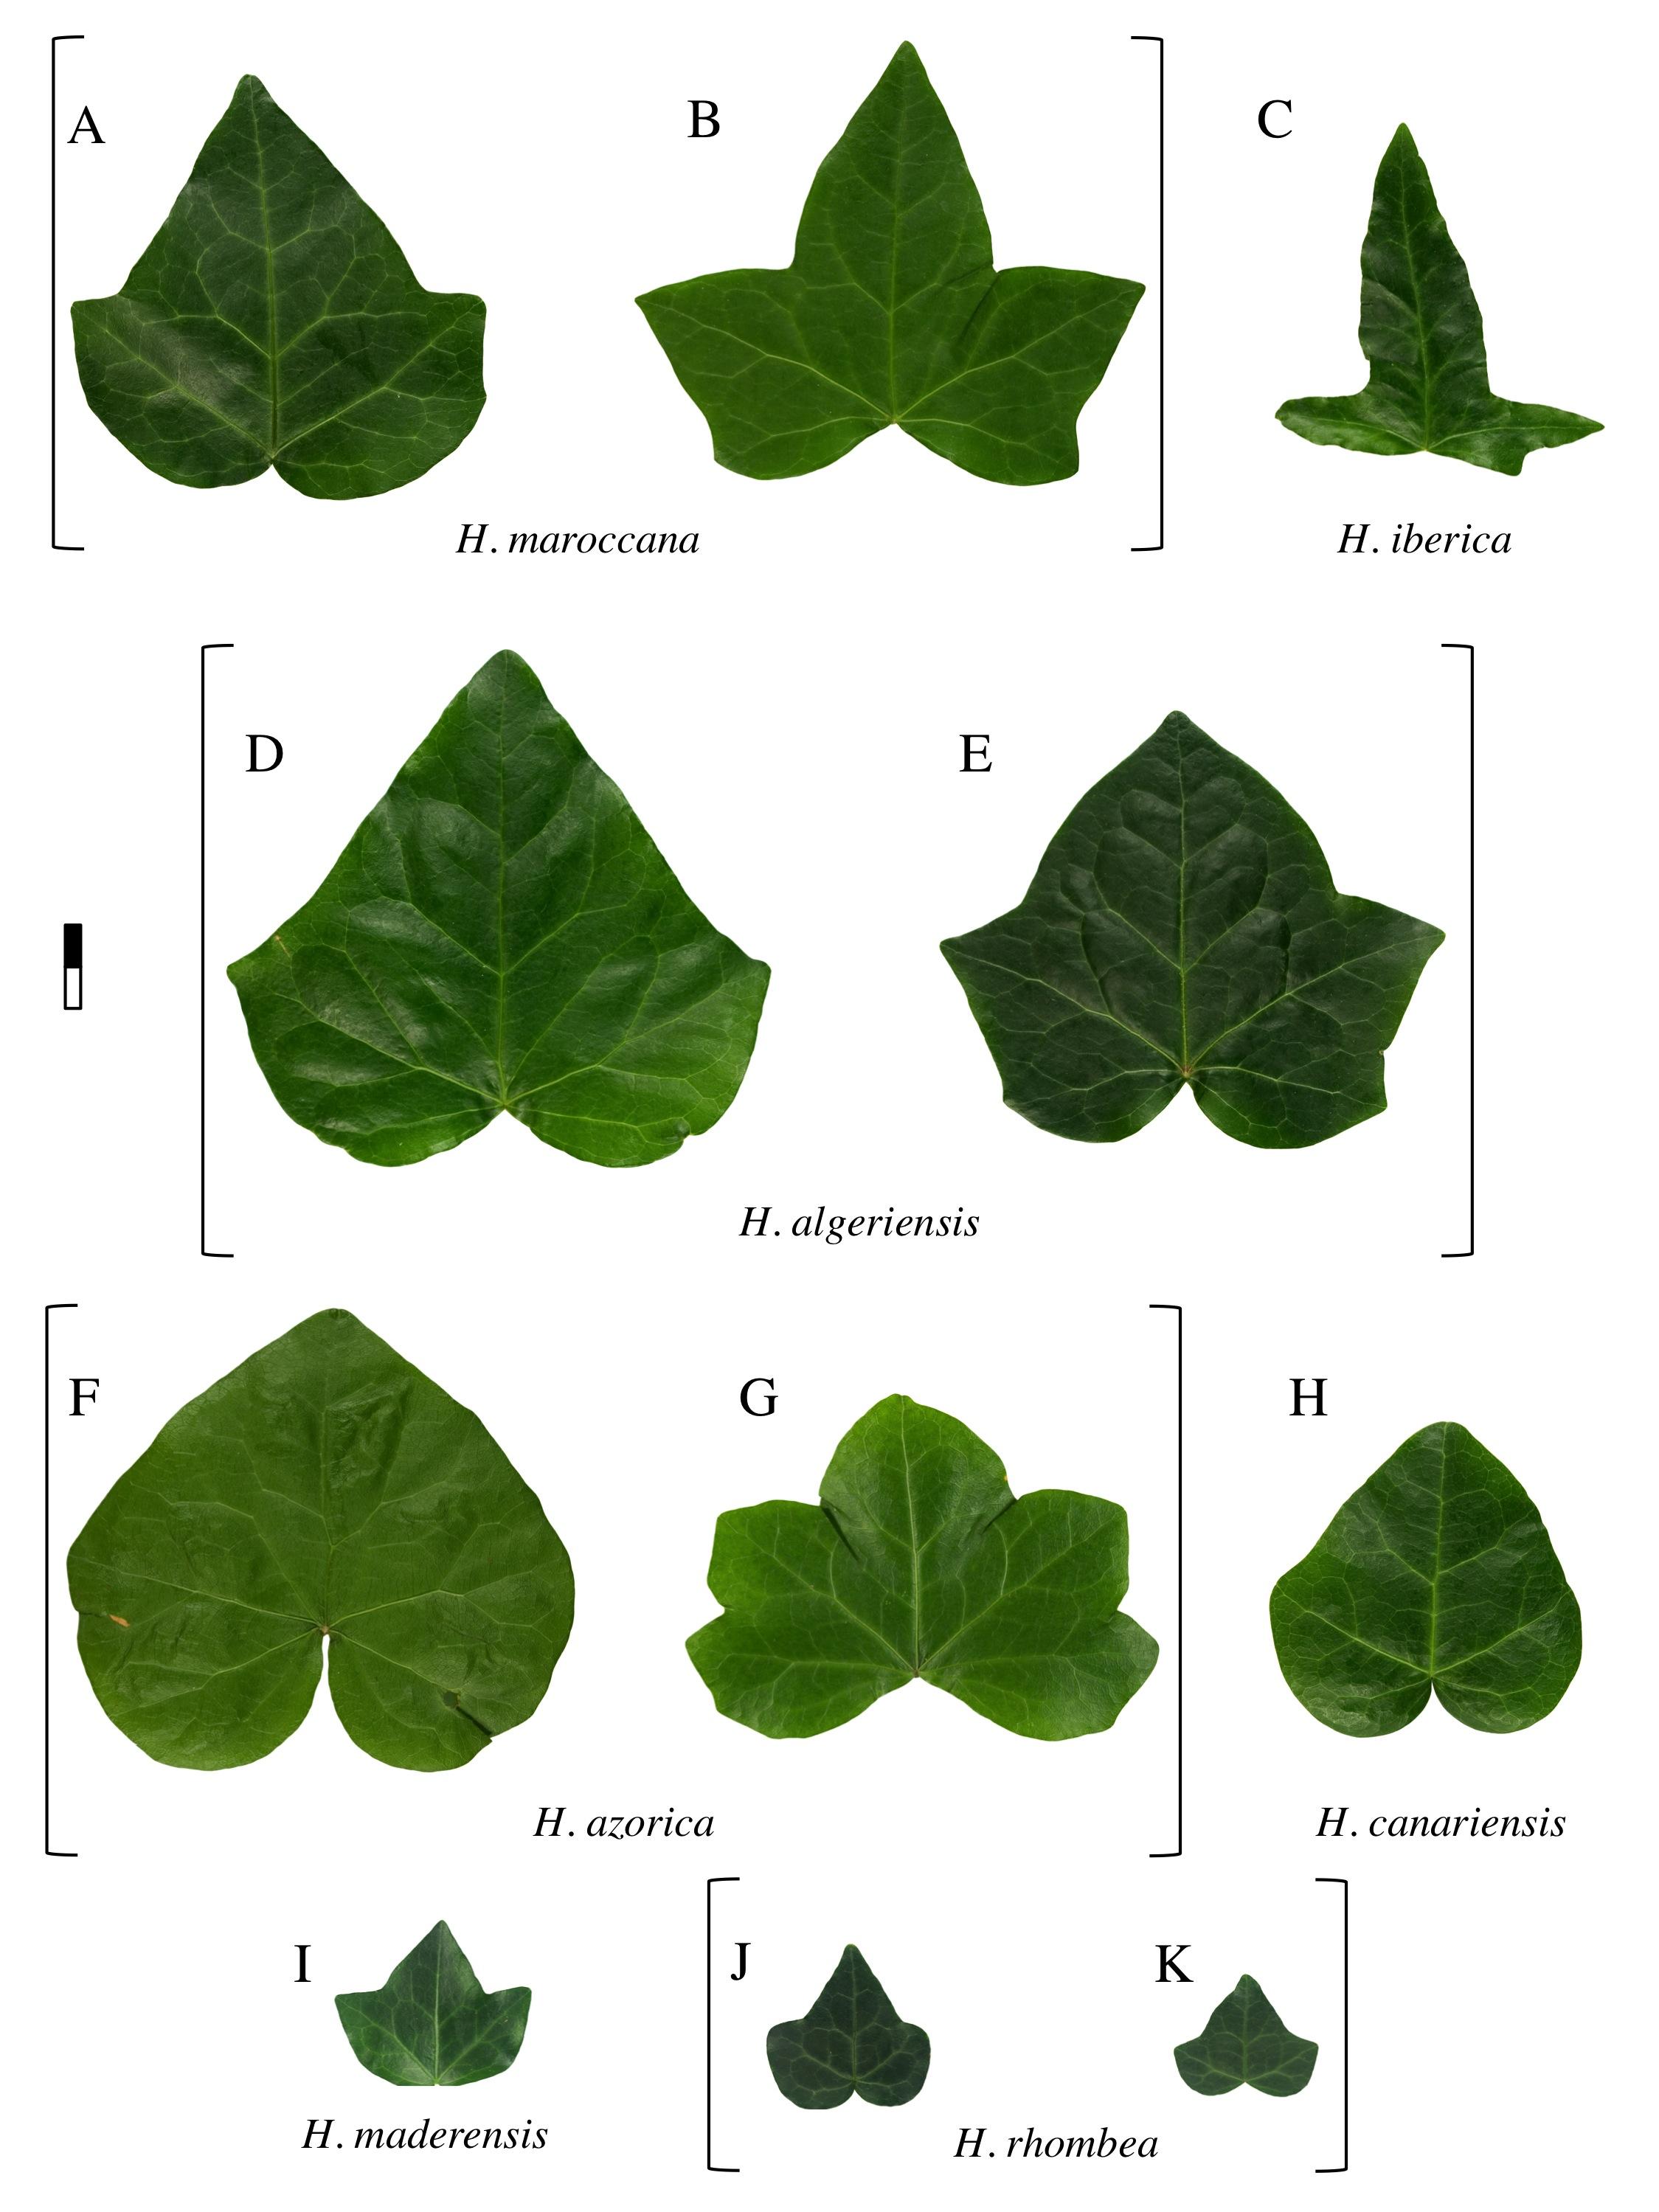 Ivy leaf morphology, plate 1